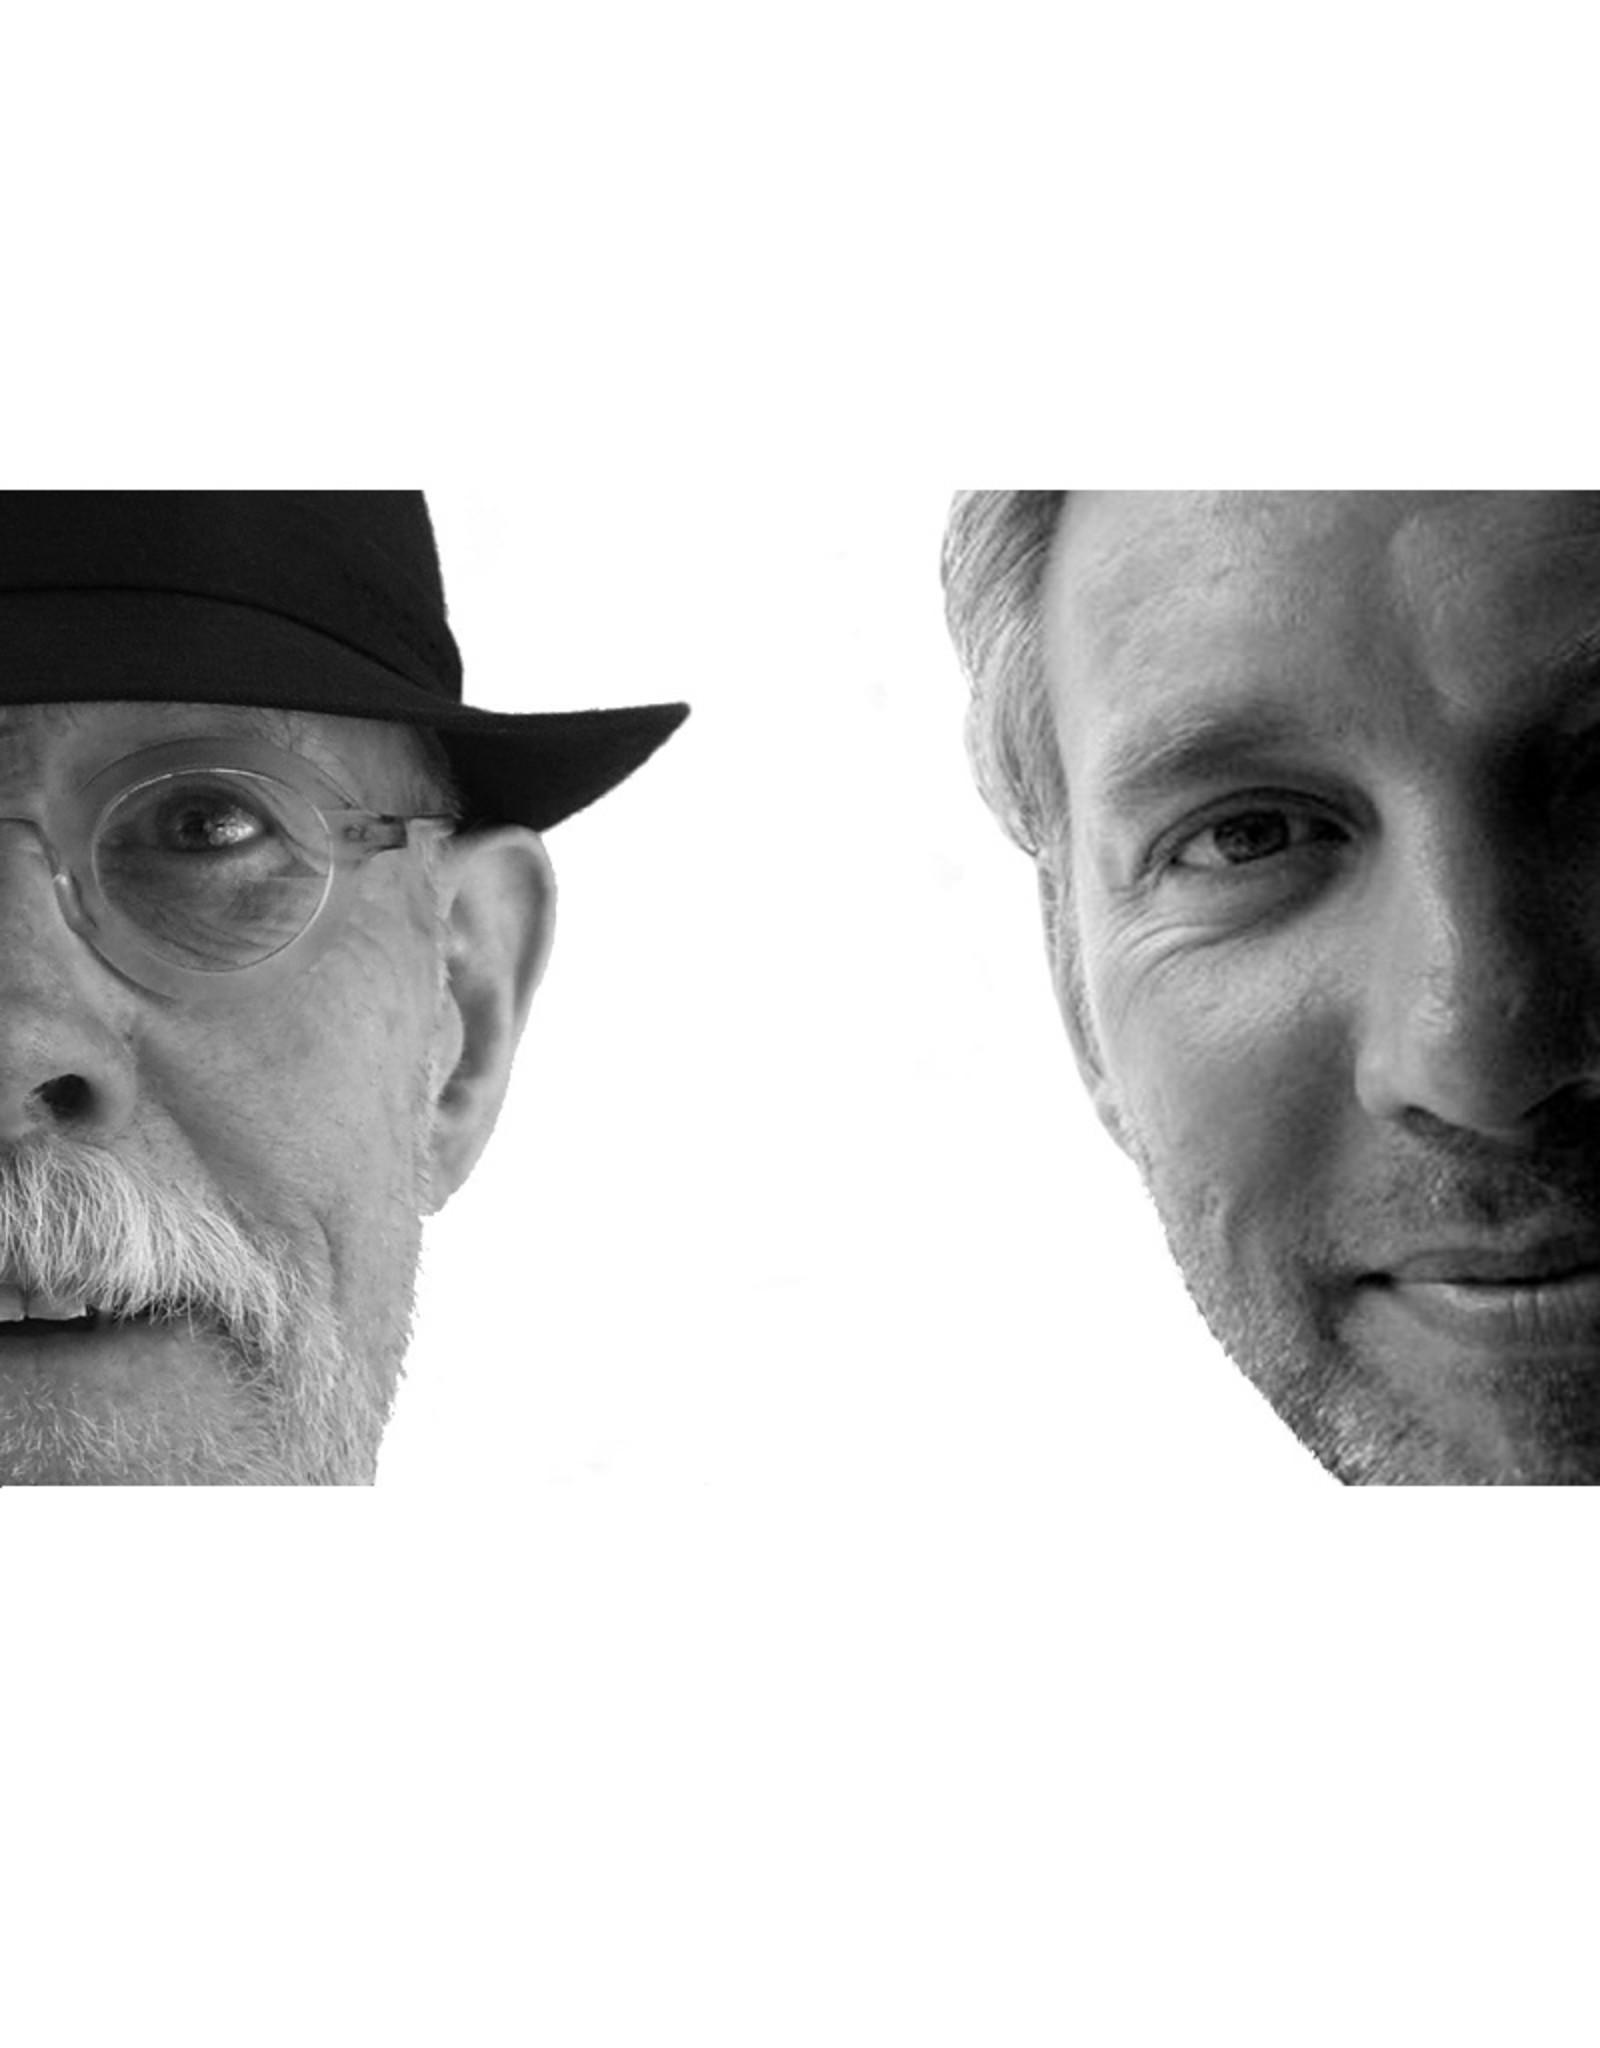 Fermeture Éclair - Buccaux par Marus en Eelko  van der Made - Pays Bas